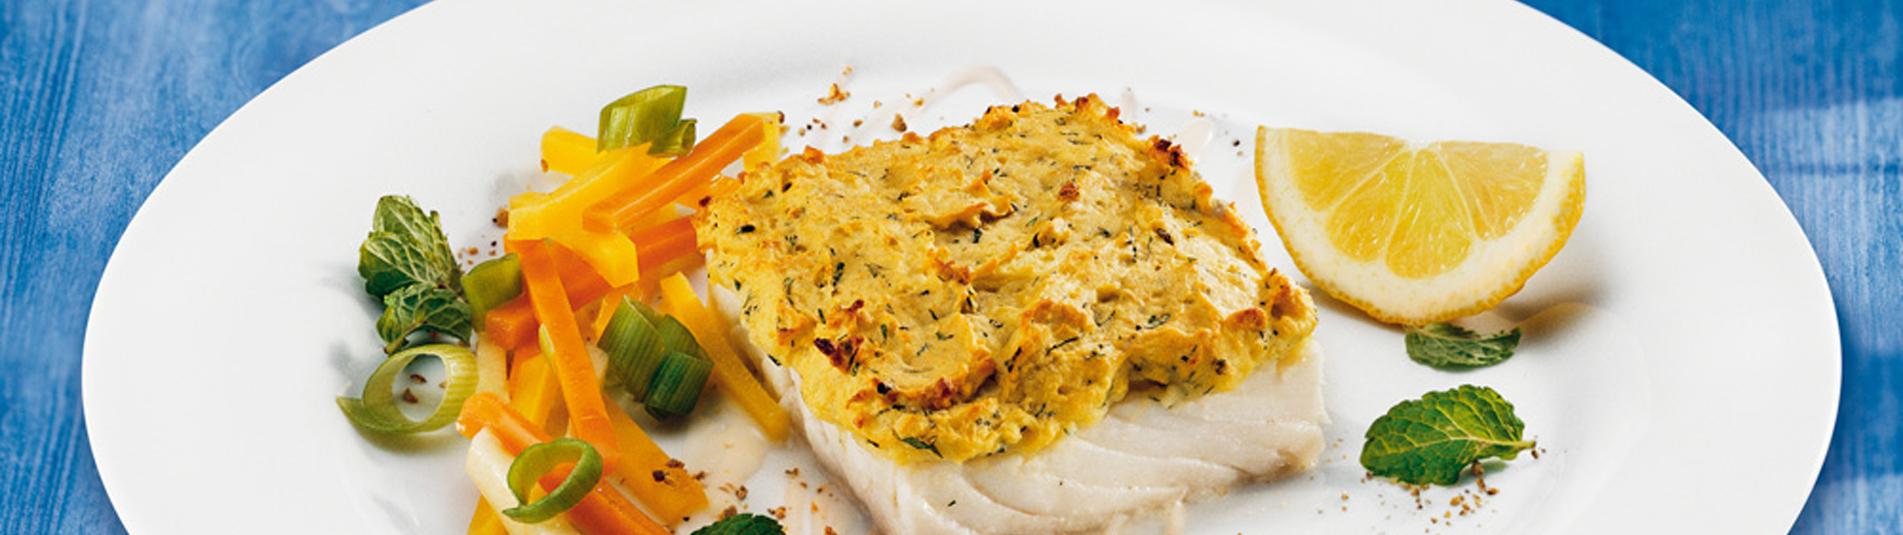 Polardorsch mit Kräuter-Erdäpfelkruste – ein einfaches Fischrezept für's Backrohr.